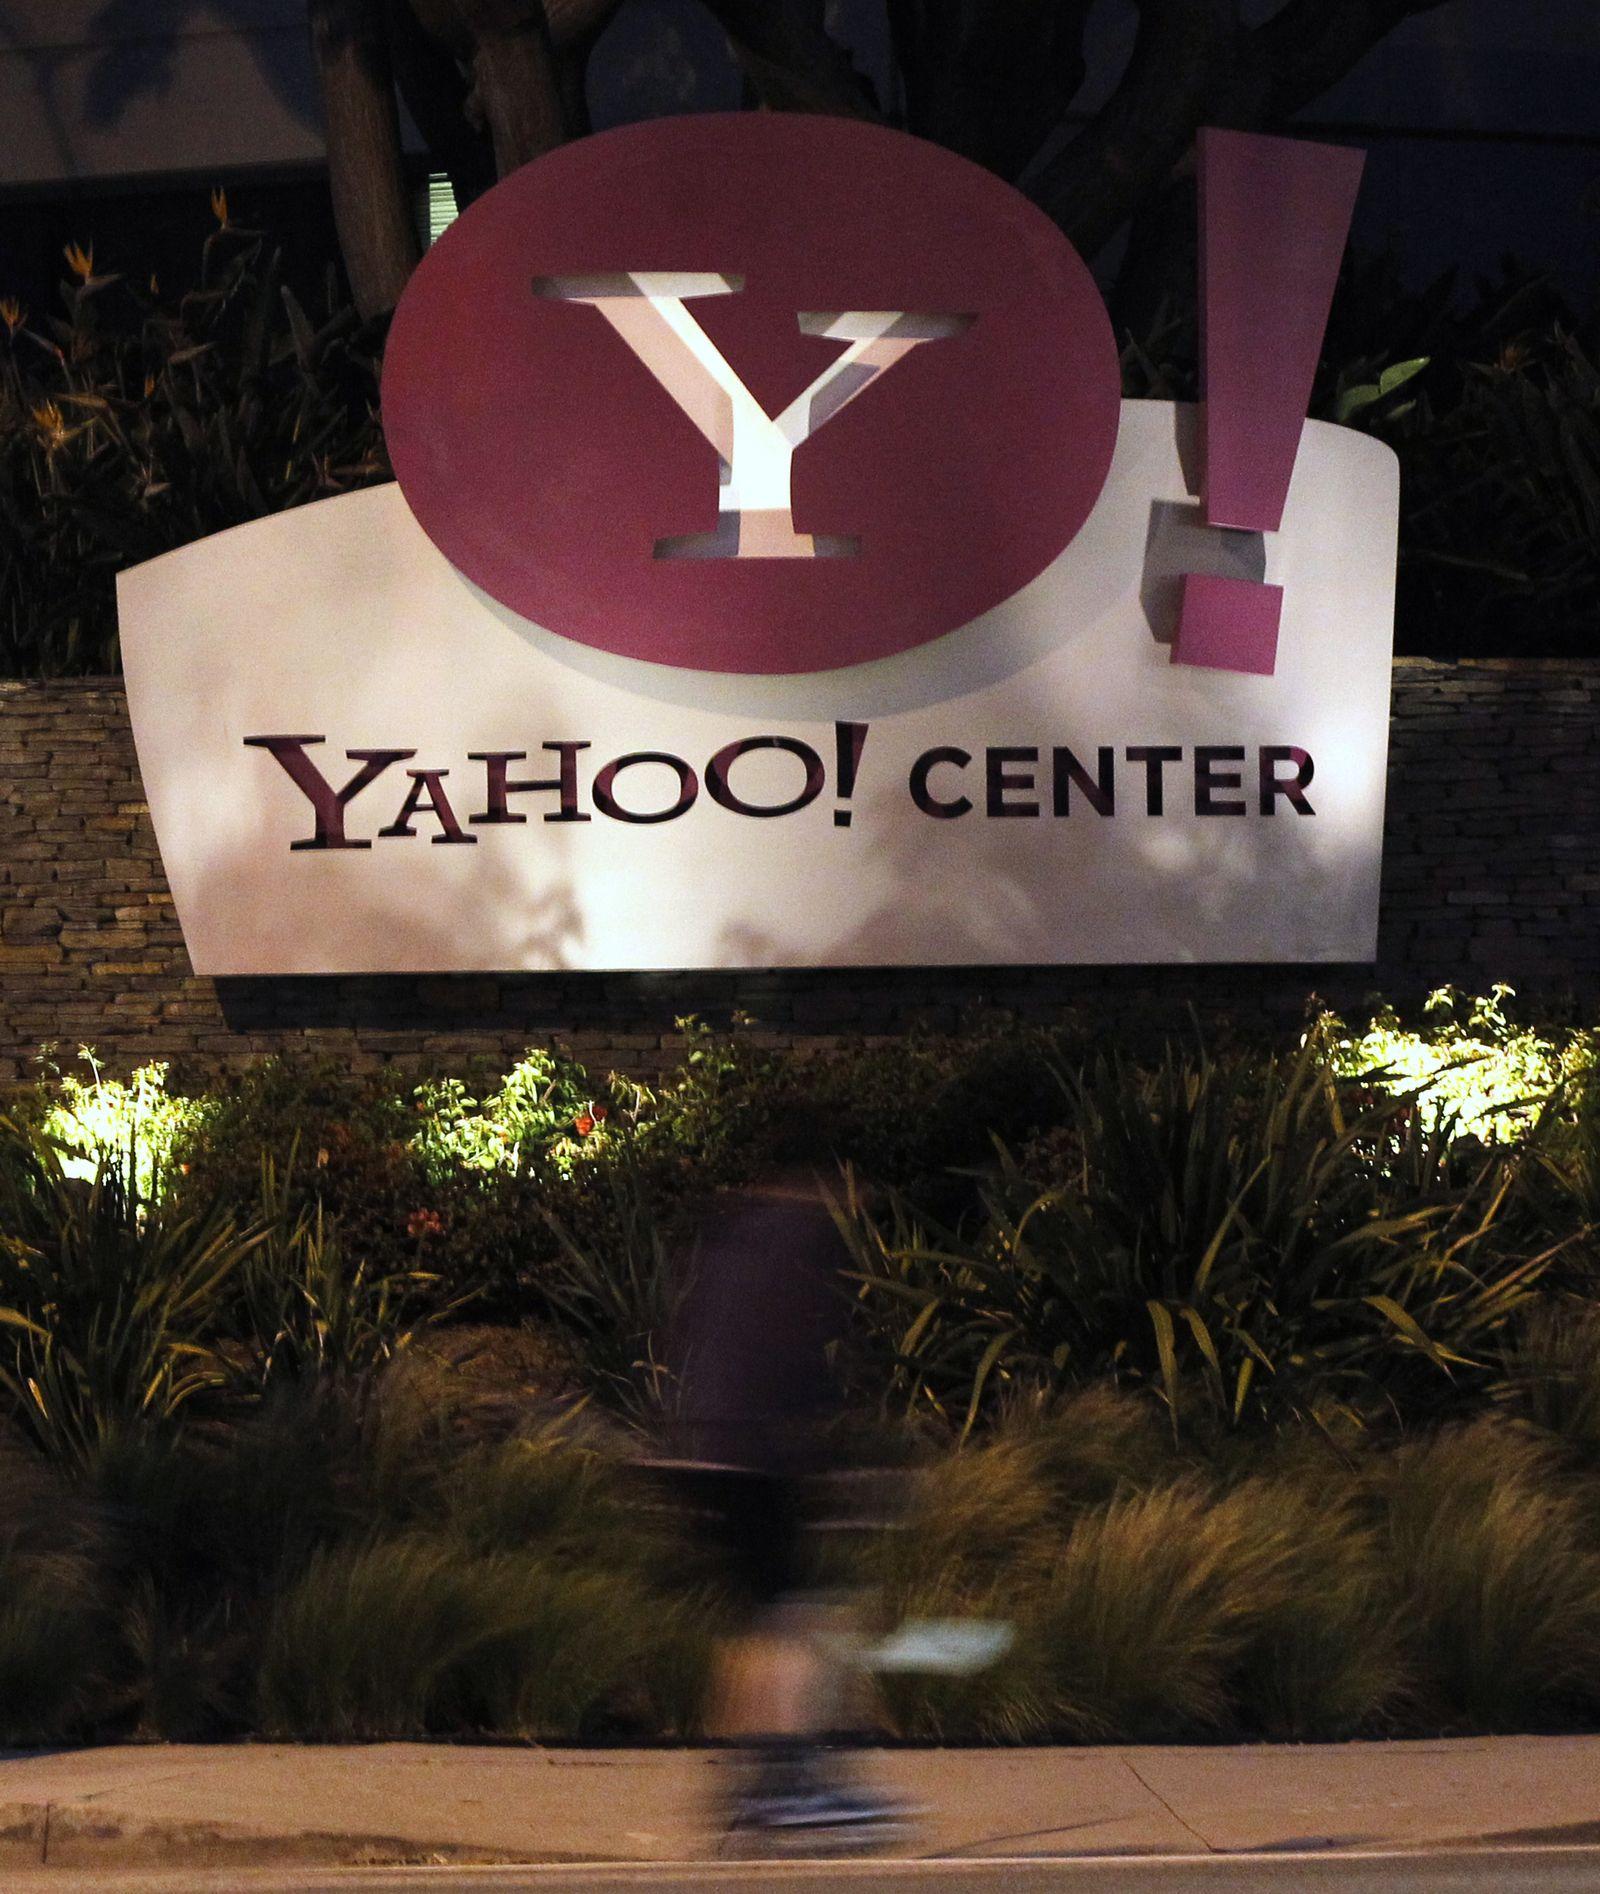 Yahoo / Yahoo Center, Santa Monica